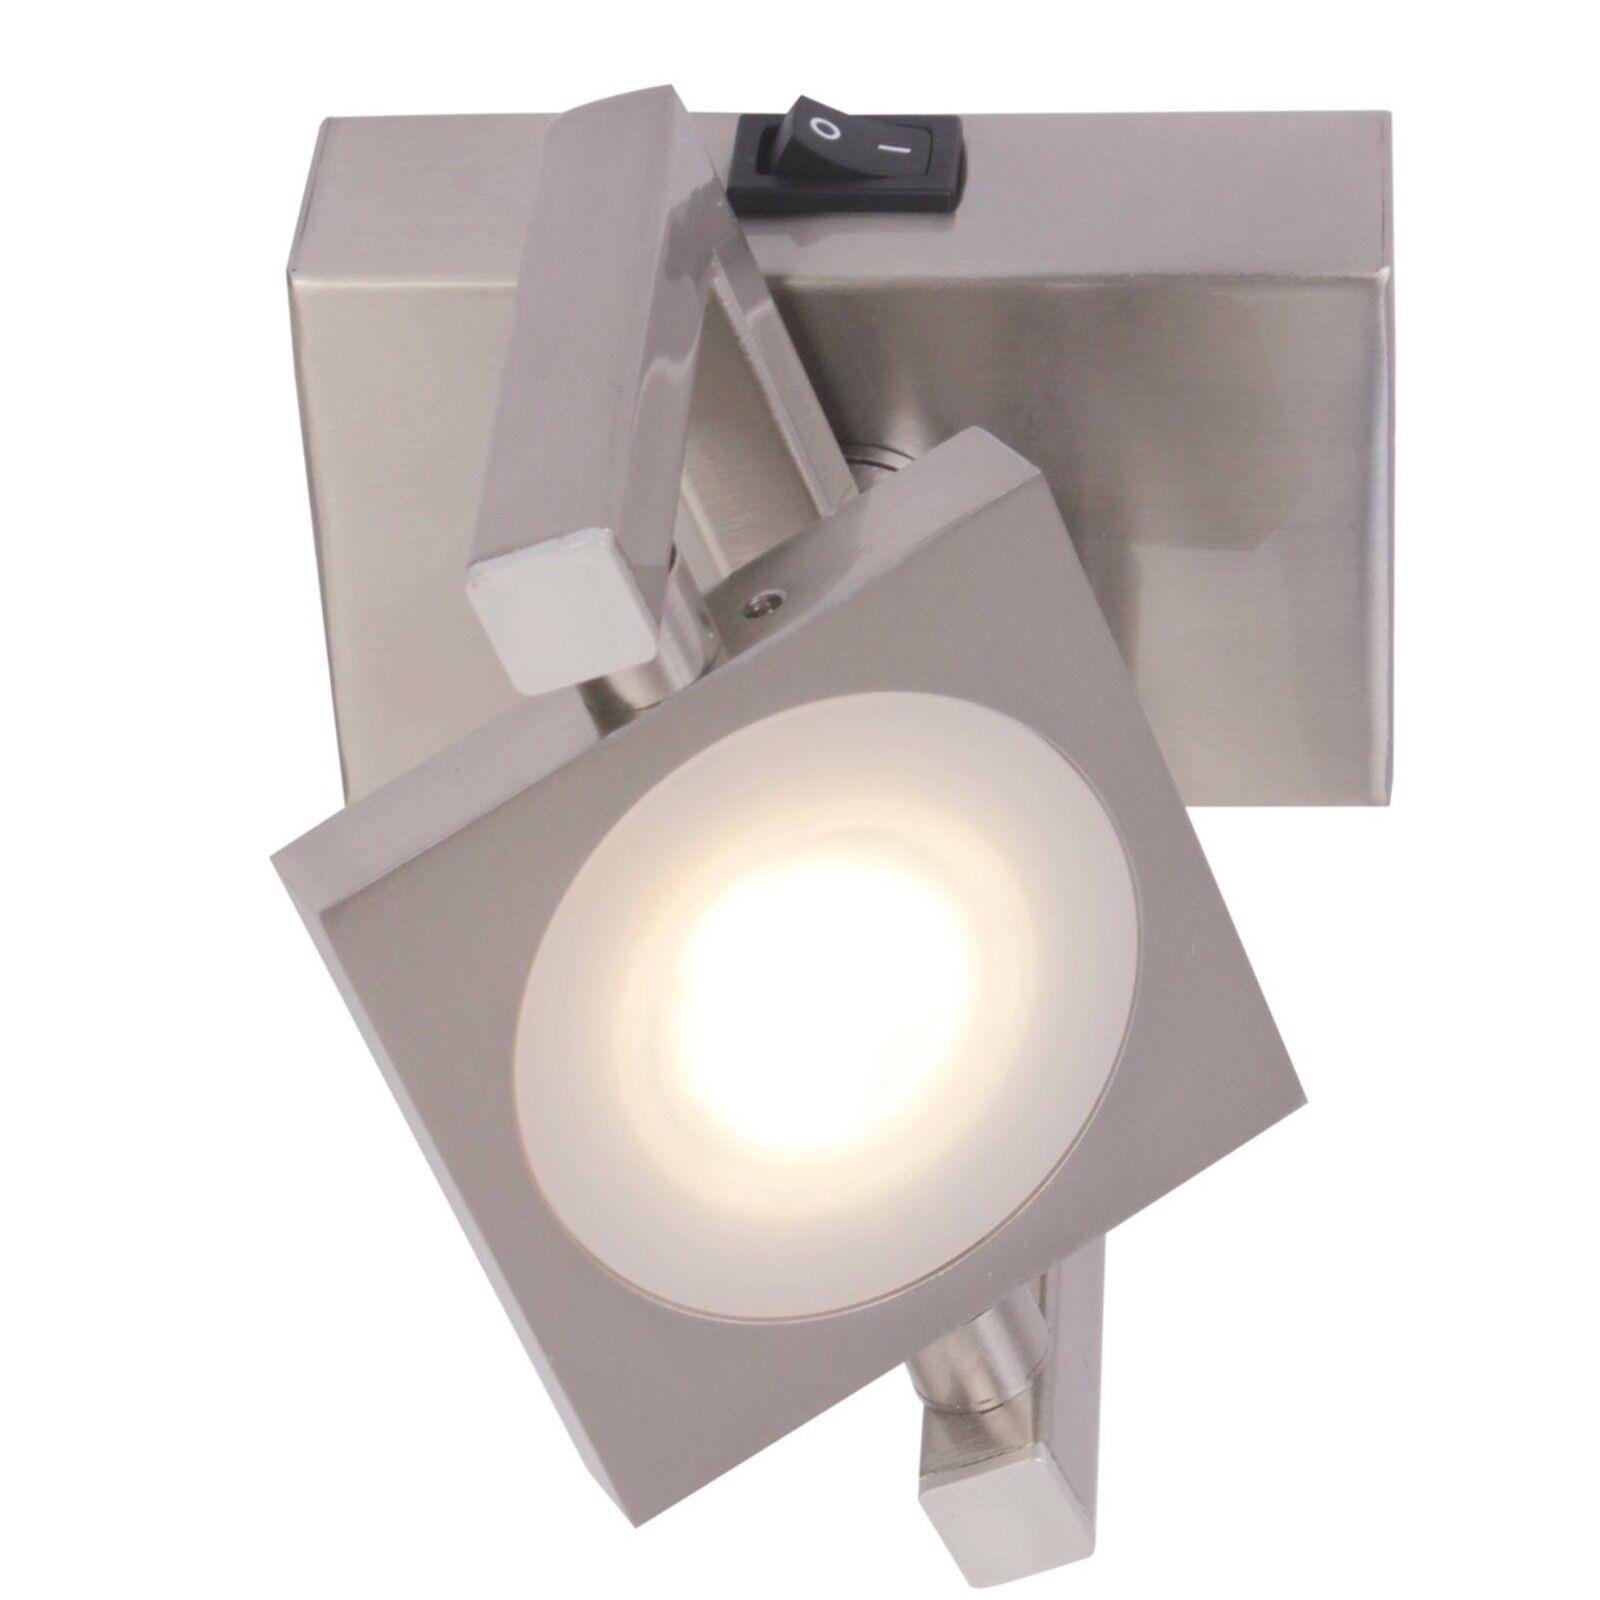 Wofi LED Lampada da parete parete parete Texel 1-flg nichel Spot Interruttore Regolabile 5 watt Lampada 7b52e3